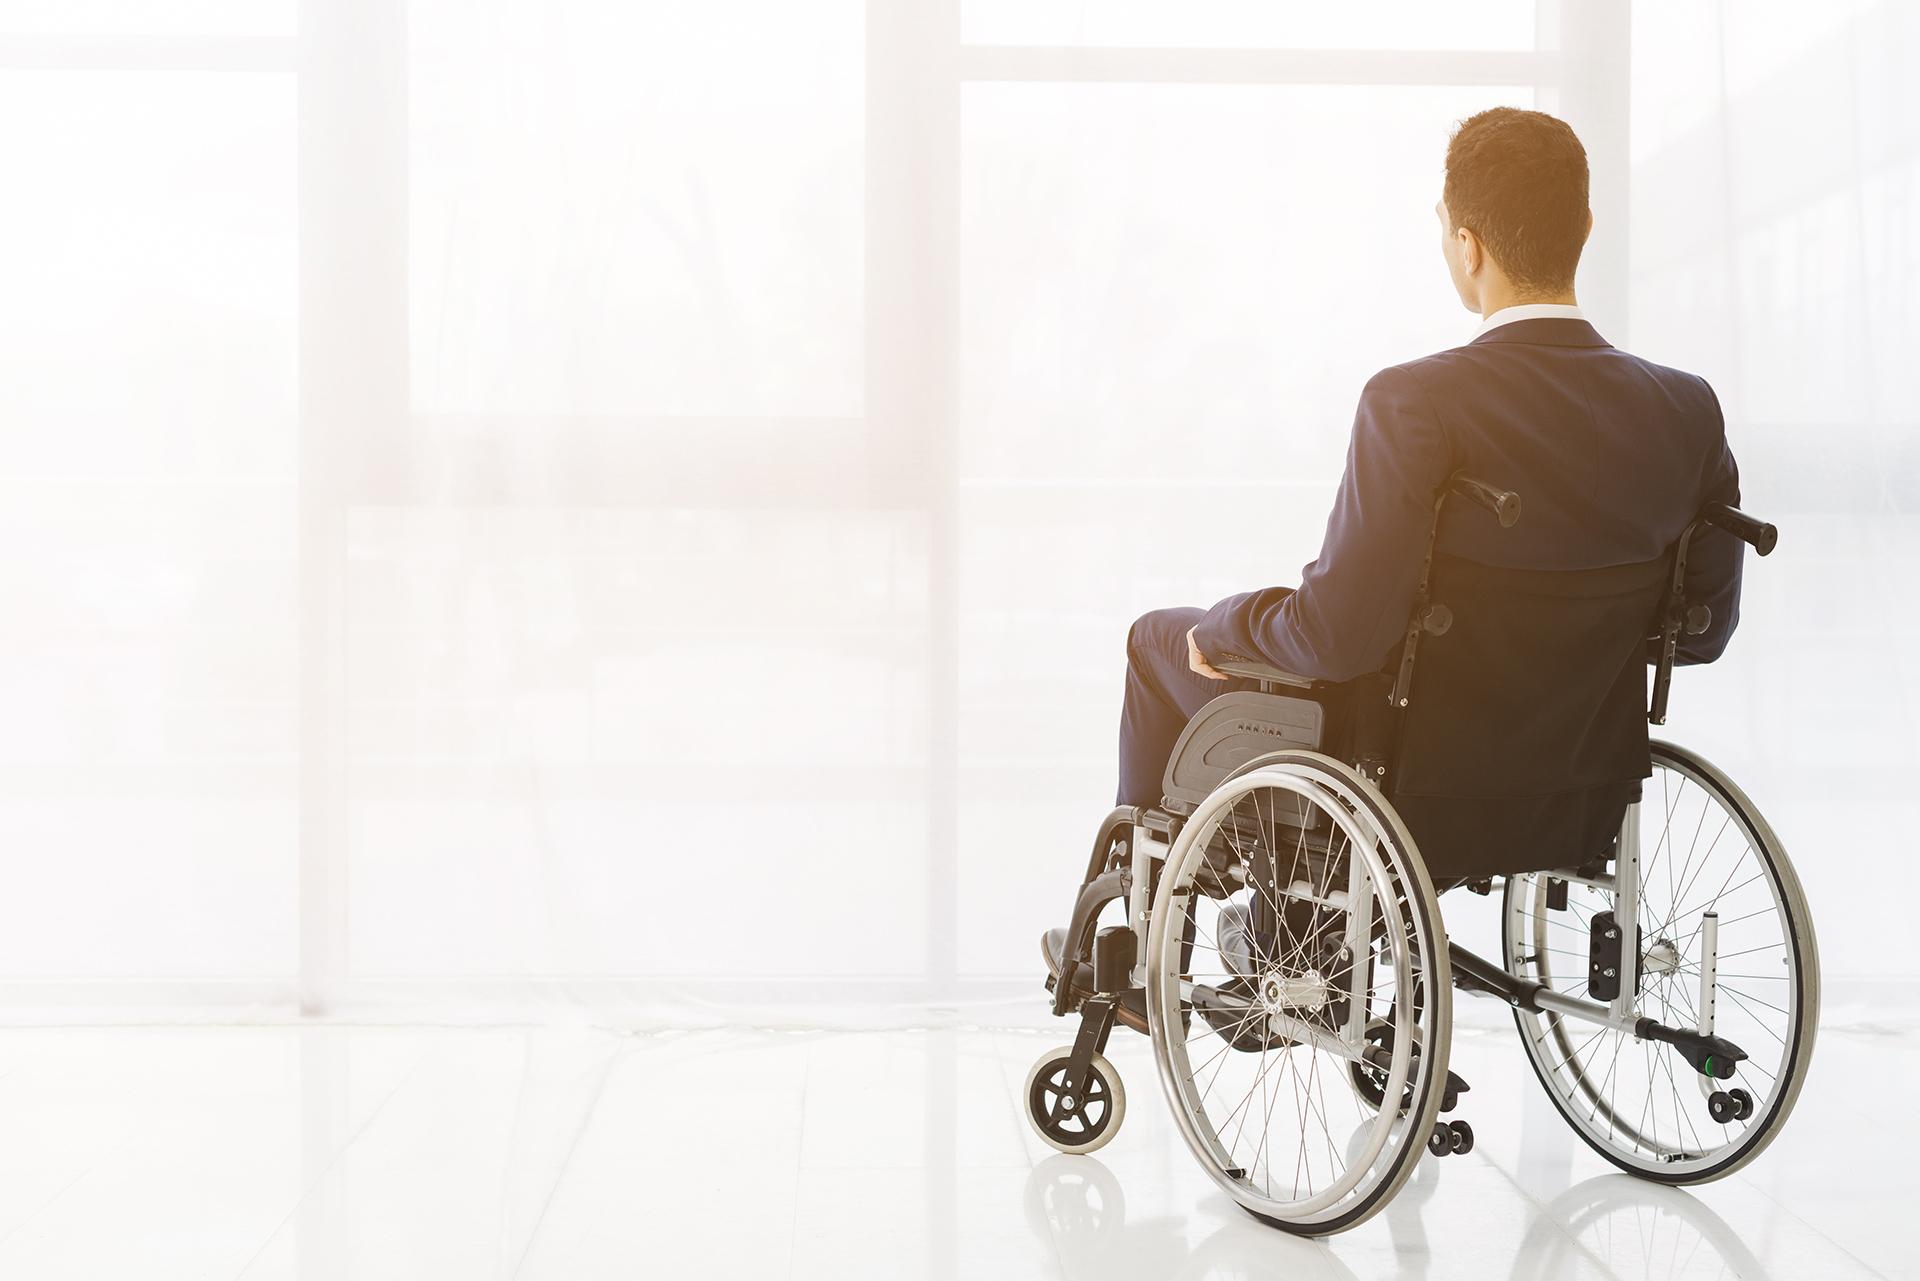 Comment trouver un emploi pour personne en situation de mobilité réduite ?